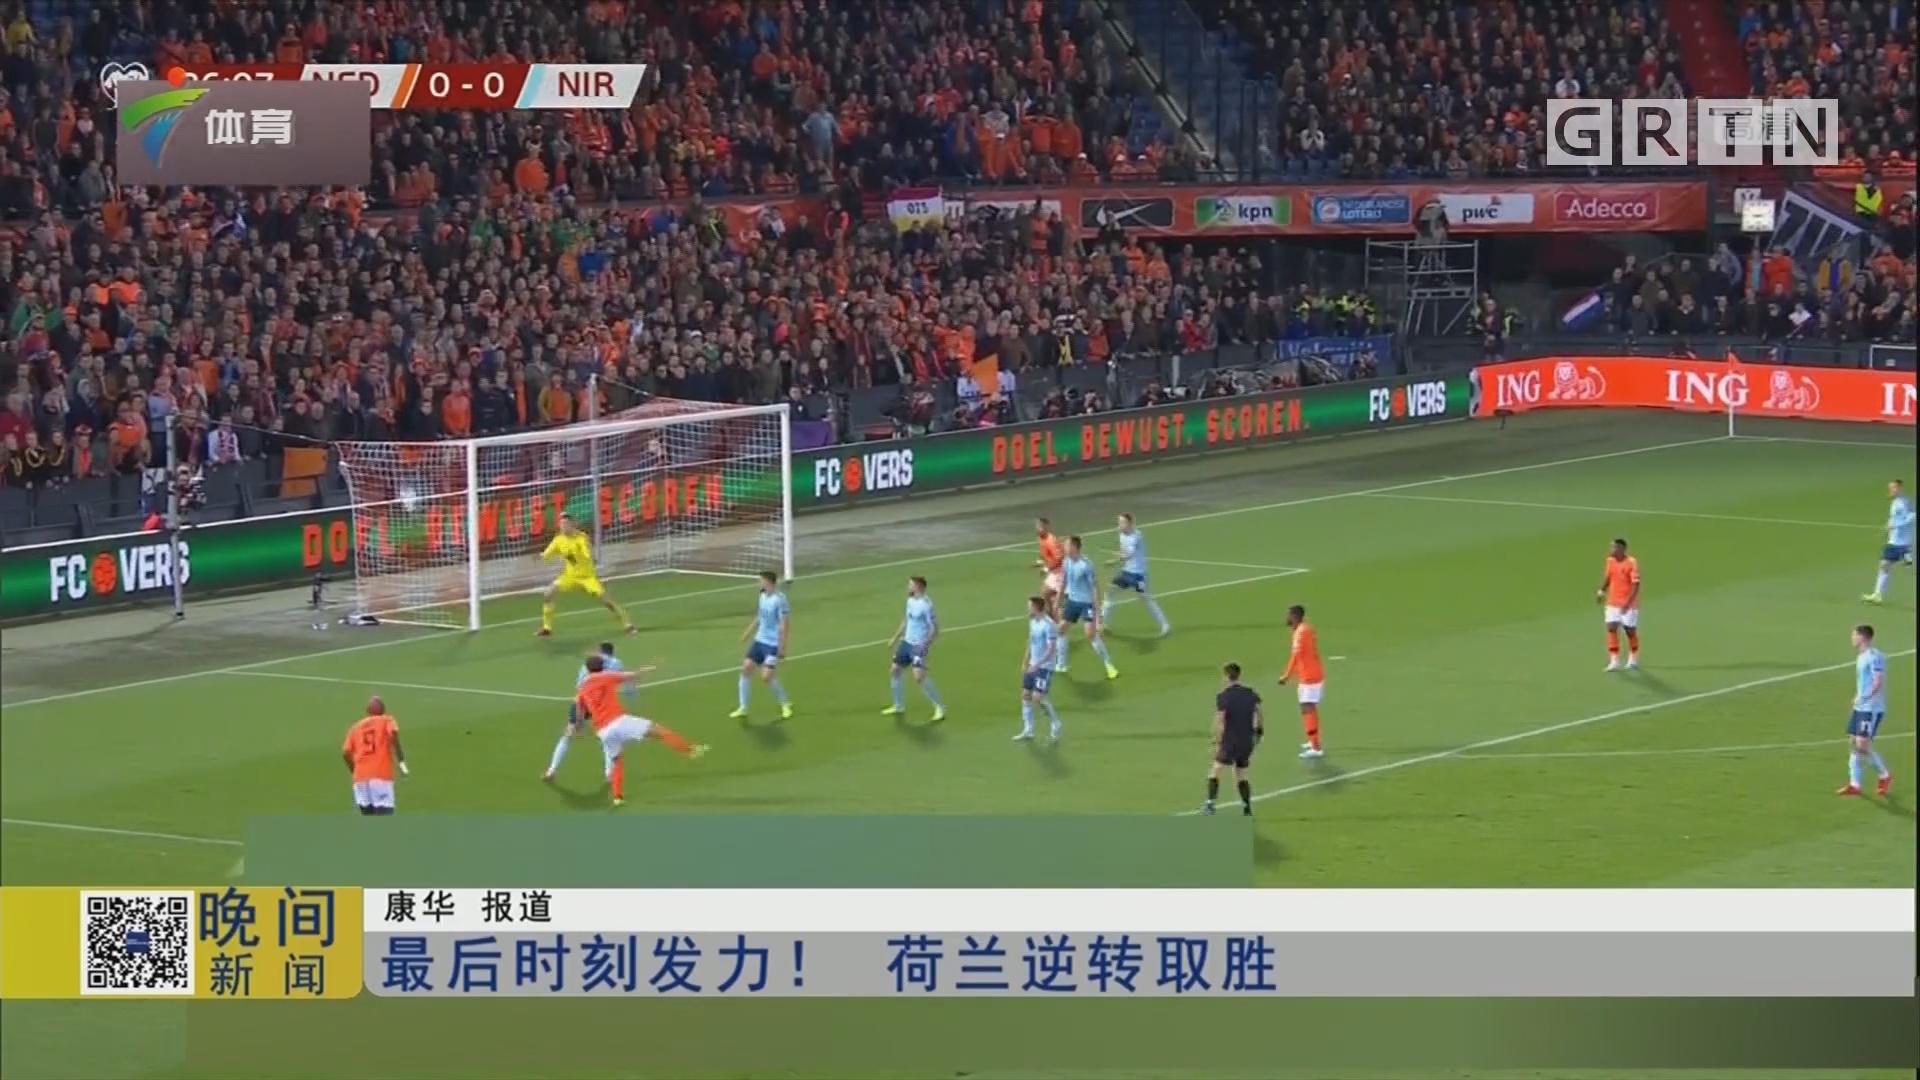 最后时刻发力!荷兰逆转取胜